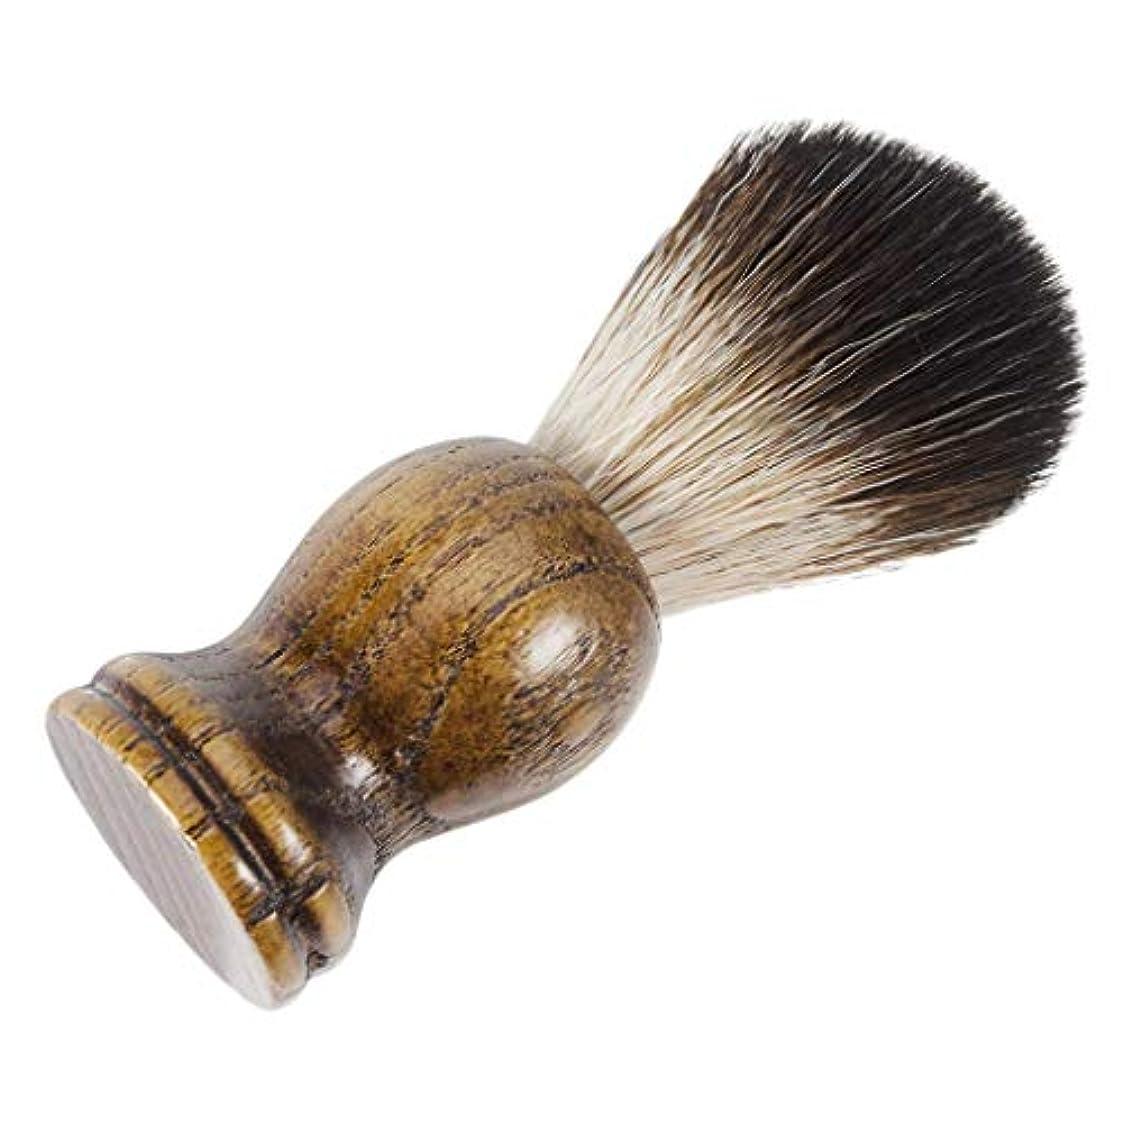 非アクティブ退屈サイクロプスひげブラシ シェービング ブラシ メンズ 理容 洗顔 髭剃り 泡立ち シェービング用アクセサリー